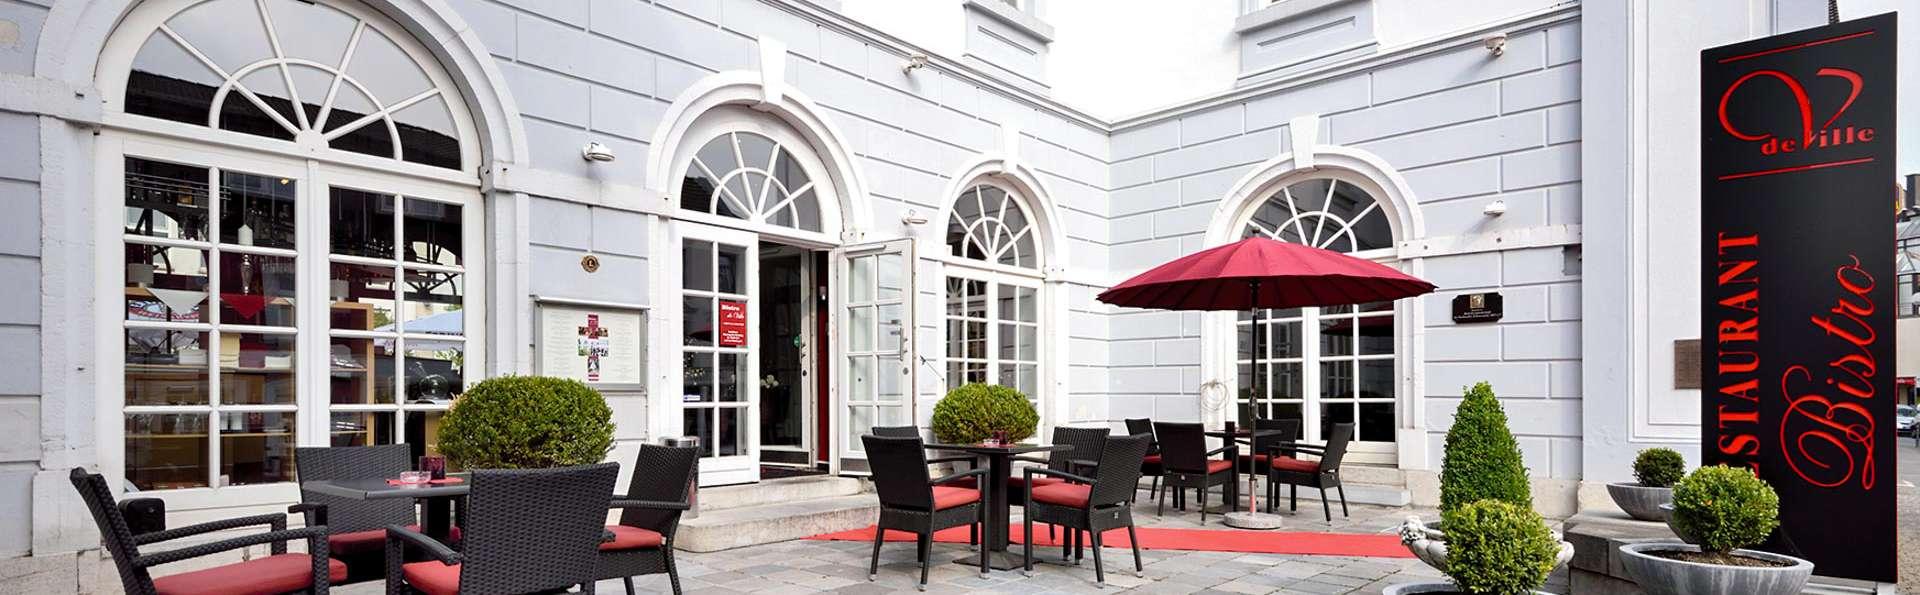 Best Western Hotel de Ville Eschweiler - EDIT_TERRACE_01.jpg